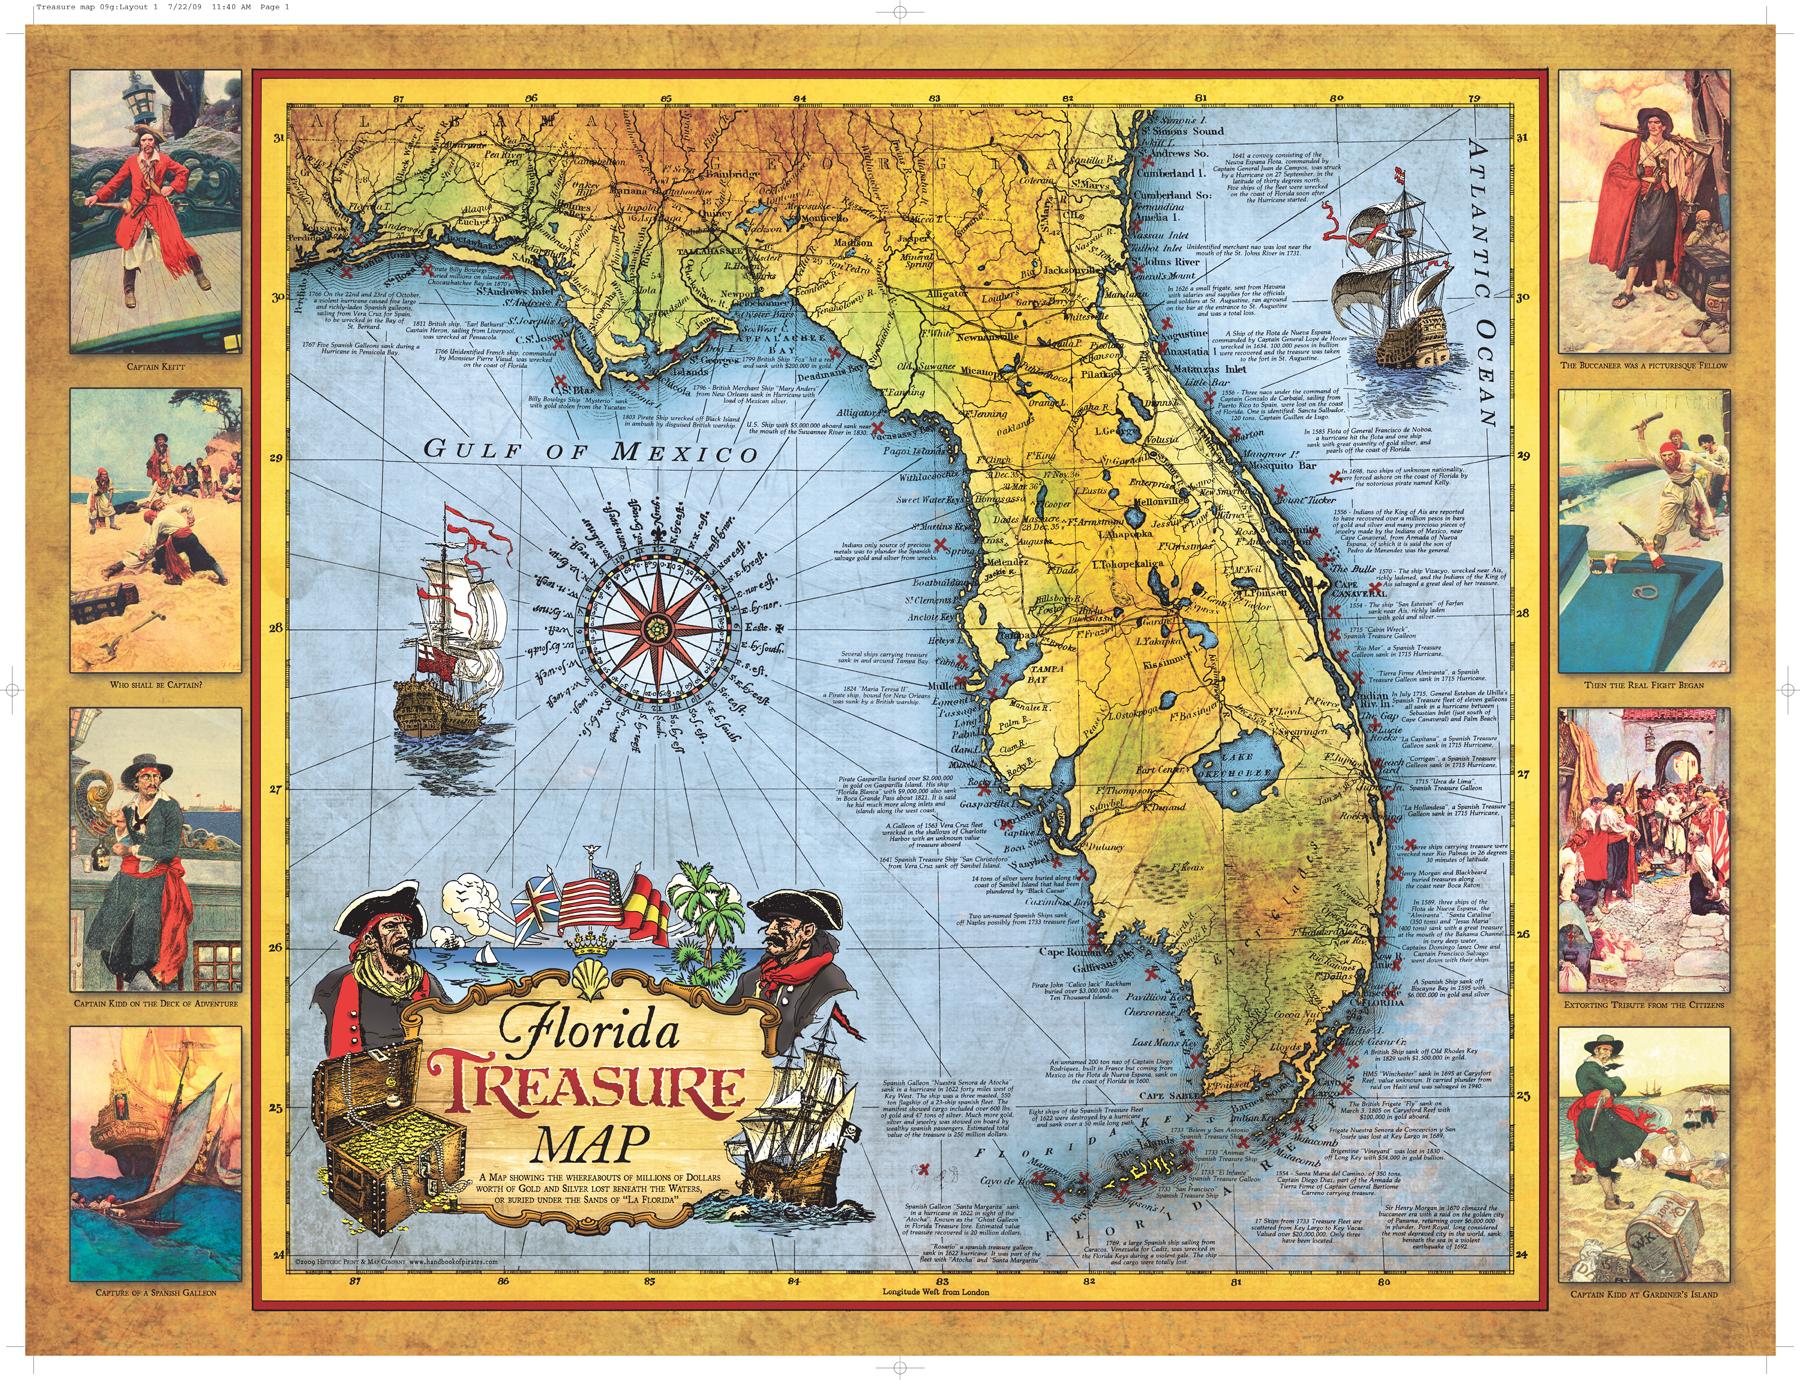 Florida Treasure Map | Historic Print & Map Company - Florida Map Poster